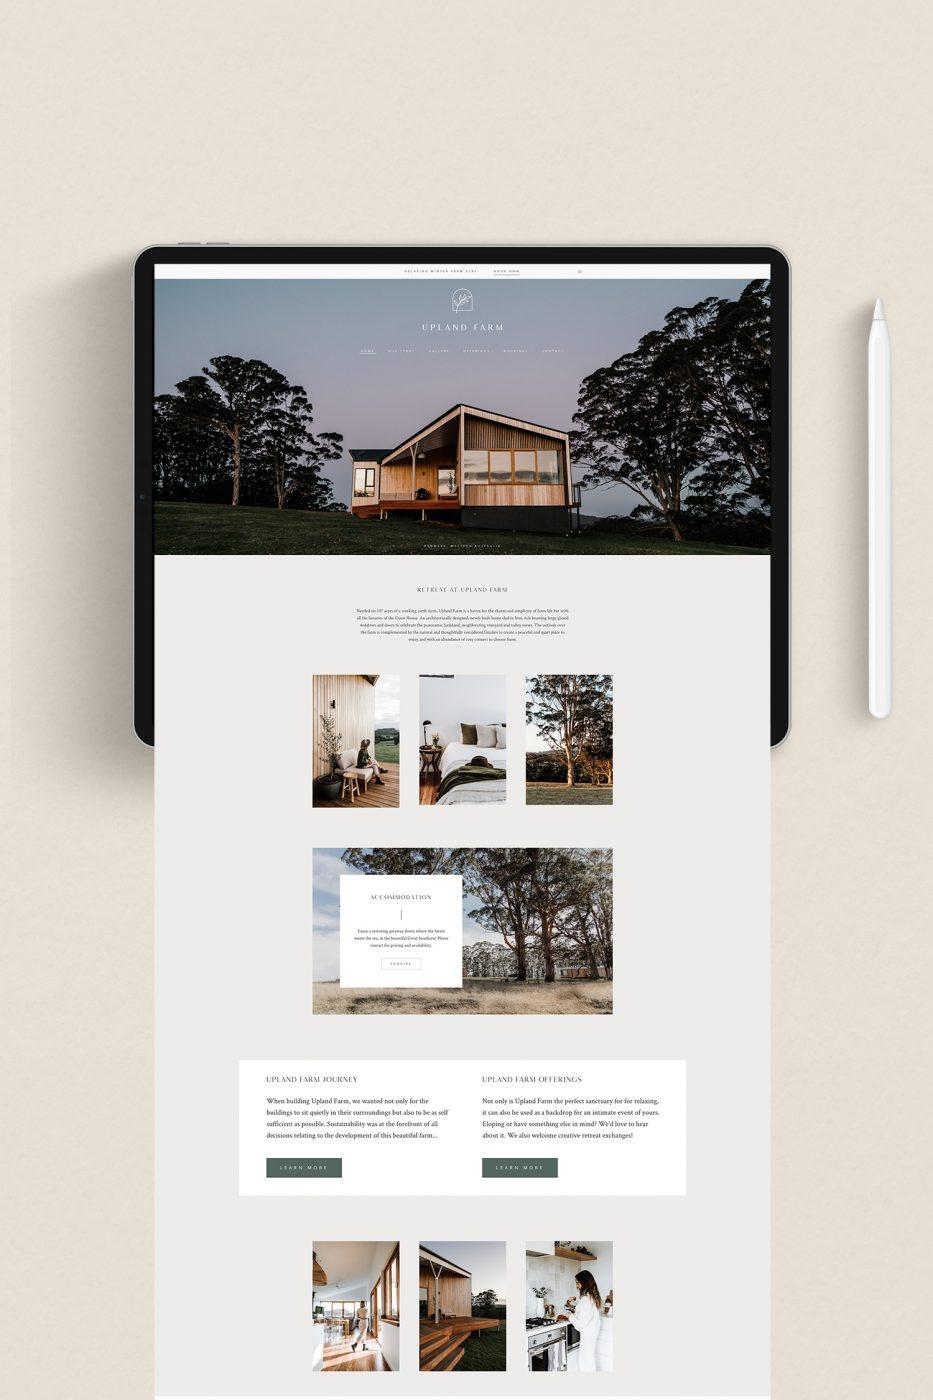 Upland Farm Website Design